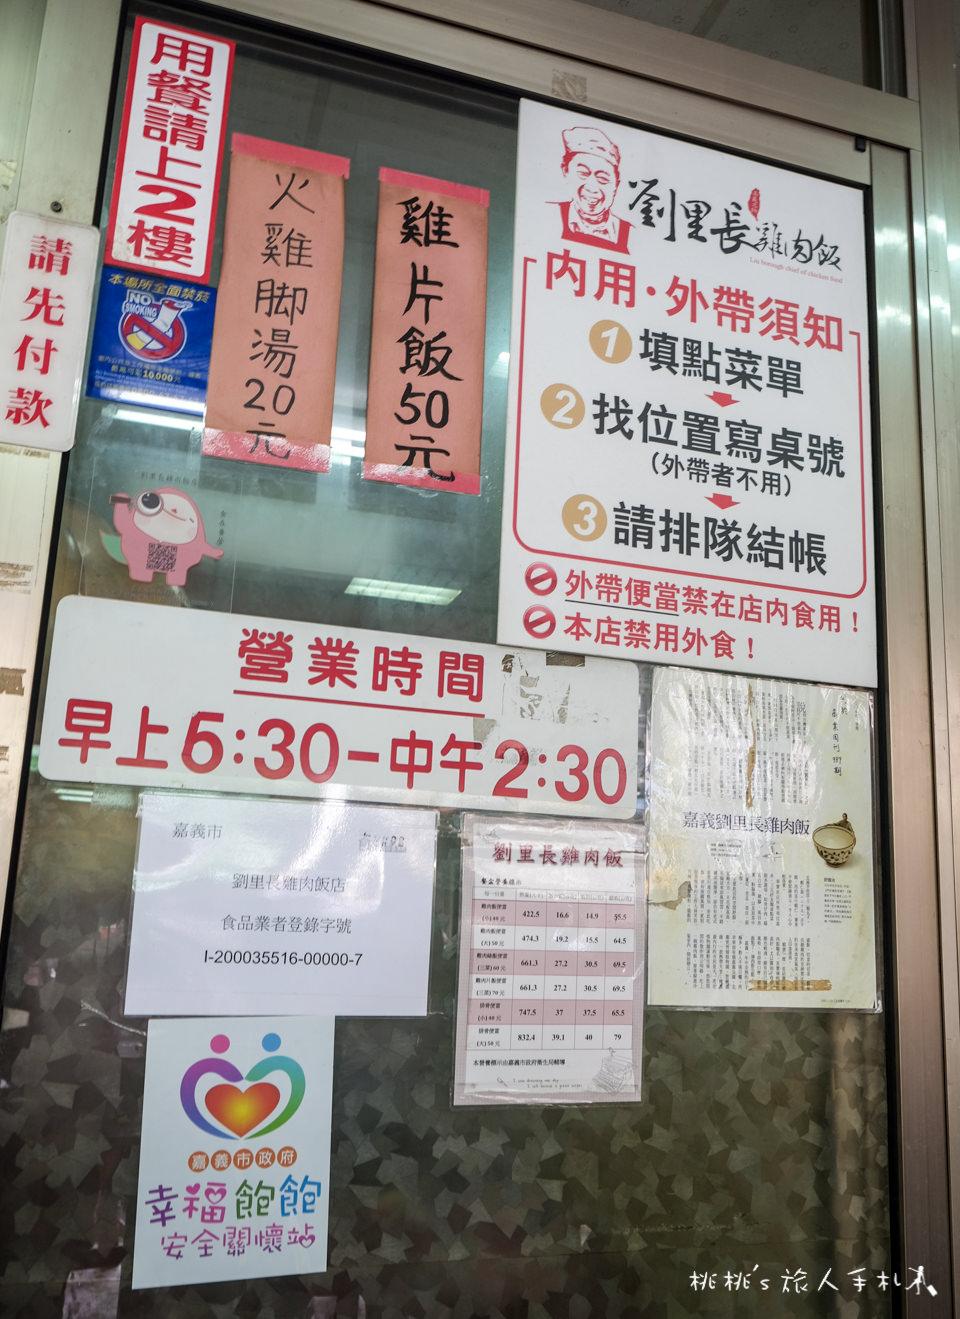 嘉義美食》劉里長雞肉飯│評價兩極的老店 究竟推不推薦呢?